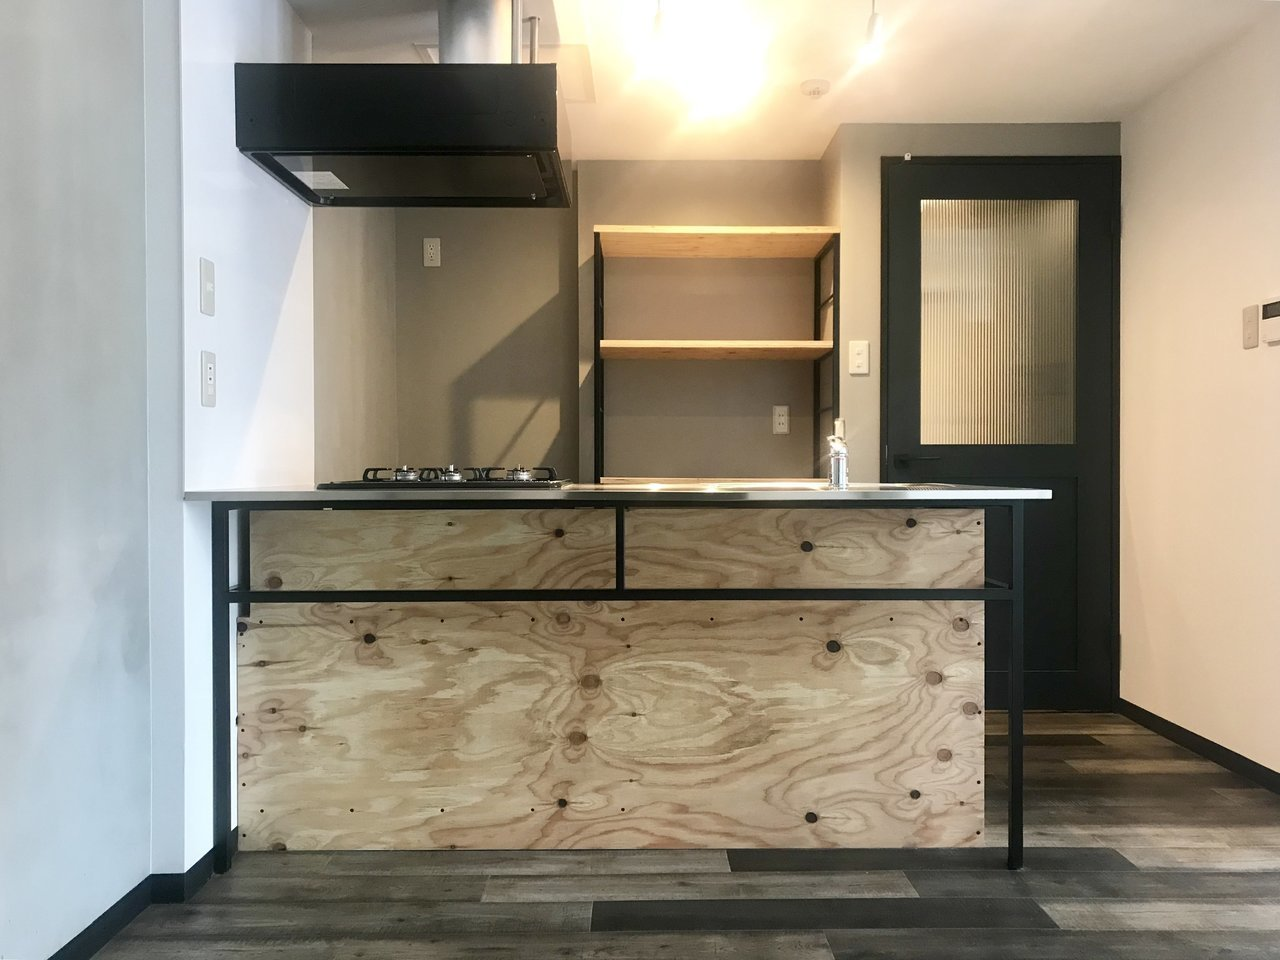 中でも気になるのはこのキッチンのデザイン。こちらは本物の木を使用しています。洗練されたデザインでありながら、3口コンロがついていて収納スペースも十分。機能的でもあるのがいいですね。